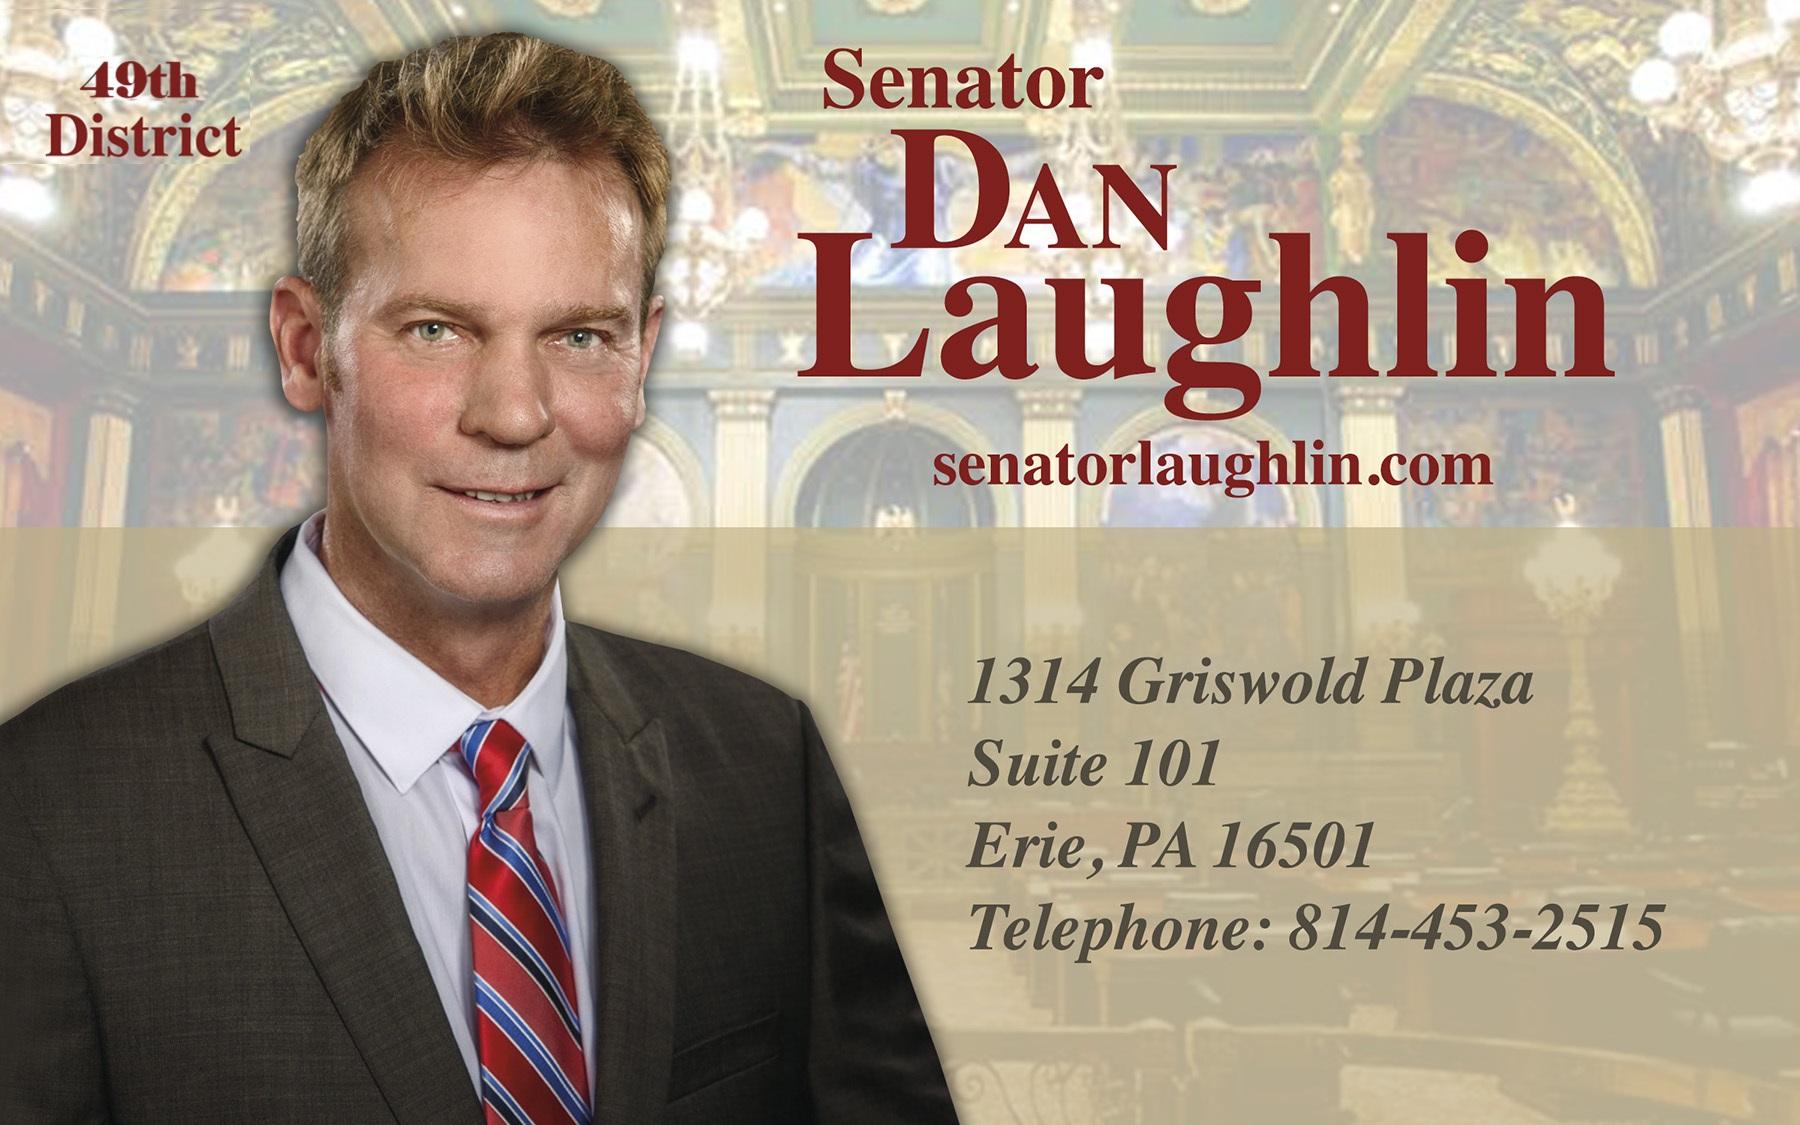 State Senator Dan Laughlin